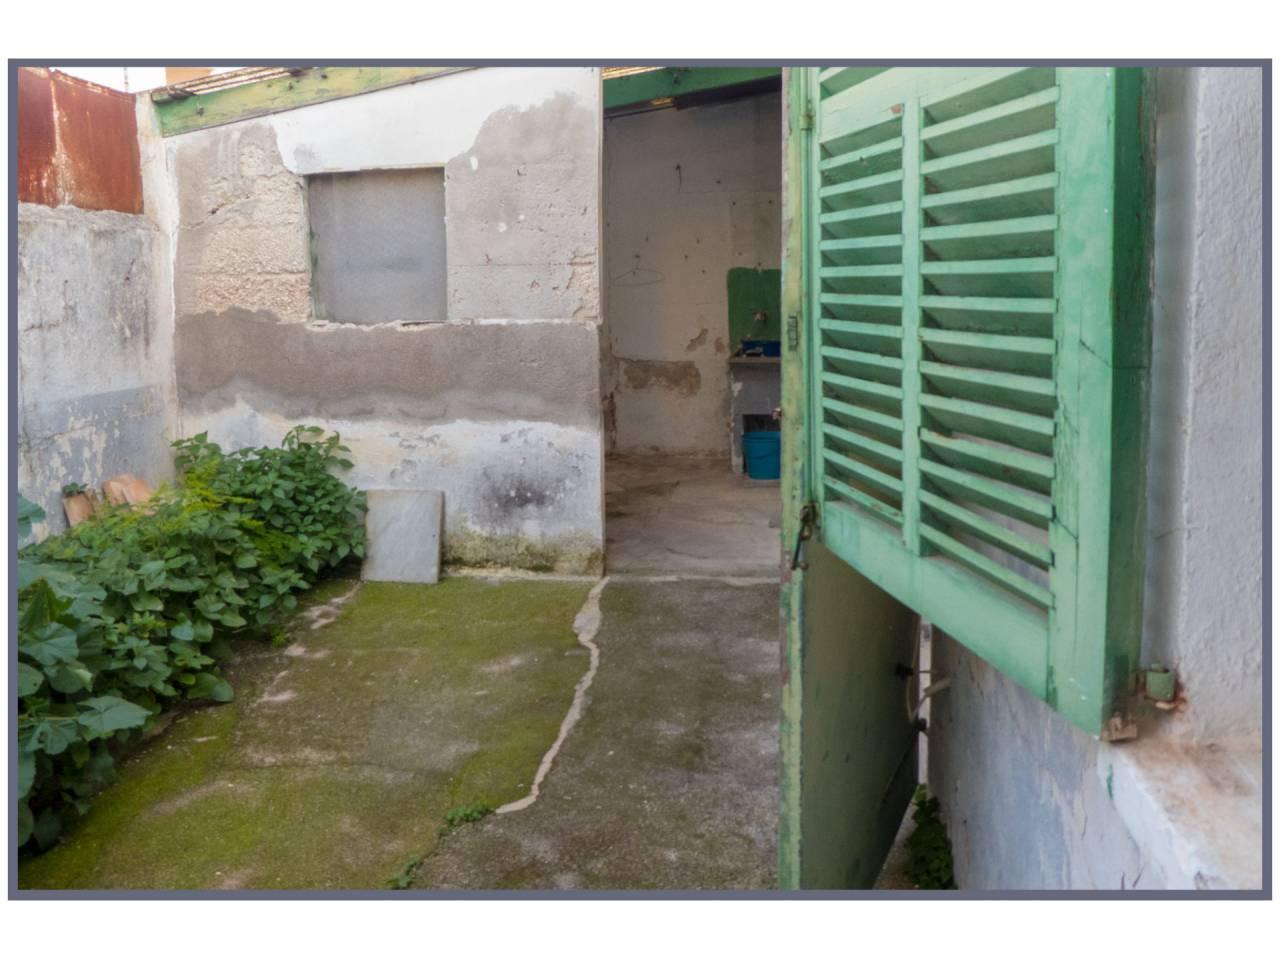 Casa  Calle antoni maura, sn. En los alrededores de la plaza de toros, en la zona des blanquer